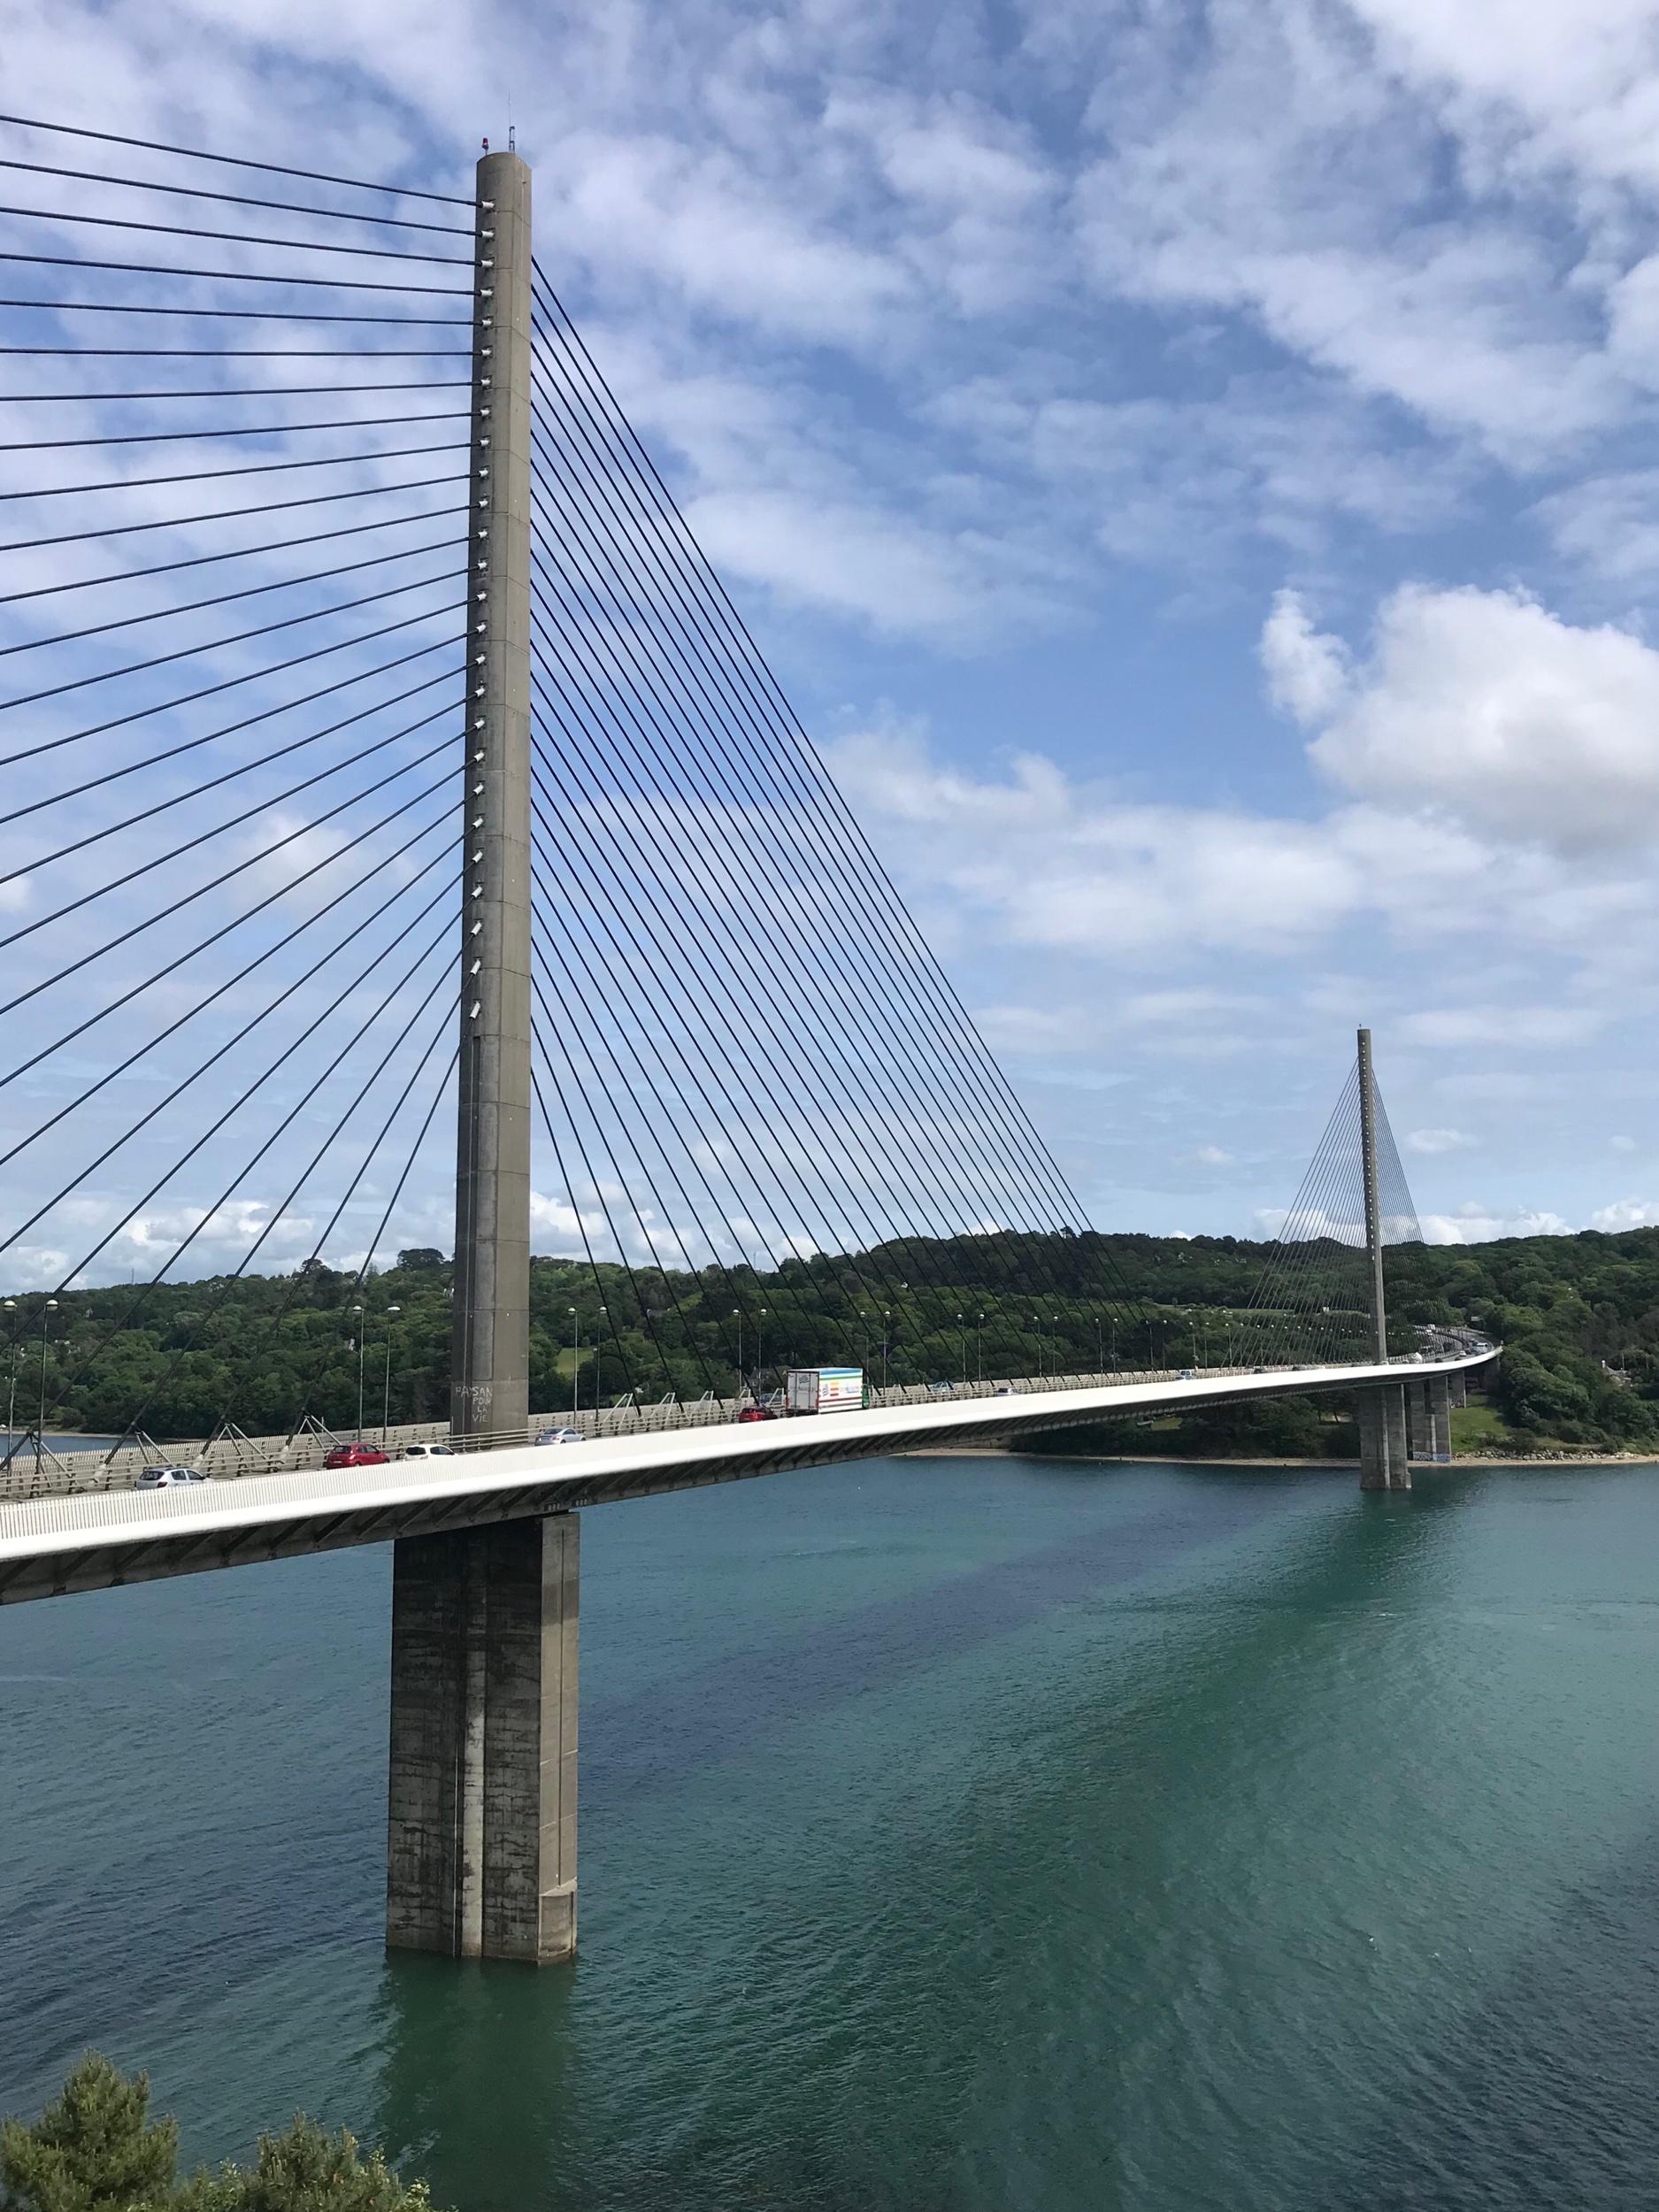 Jour 34 - 🎶Date : 3 juin🎶Distance : 8 km ! (sur le GR)🎶Départ - Arrivée : Brest - Plougastel🎶Bande-son : Miossec (who else)